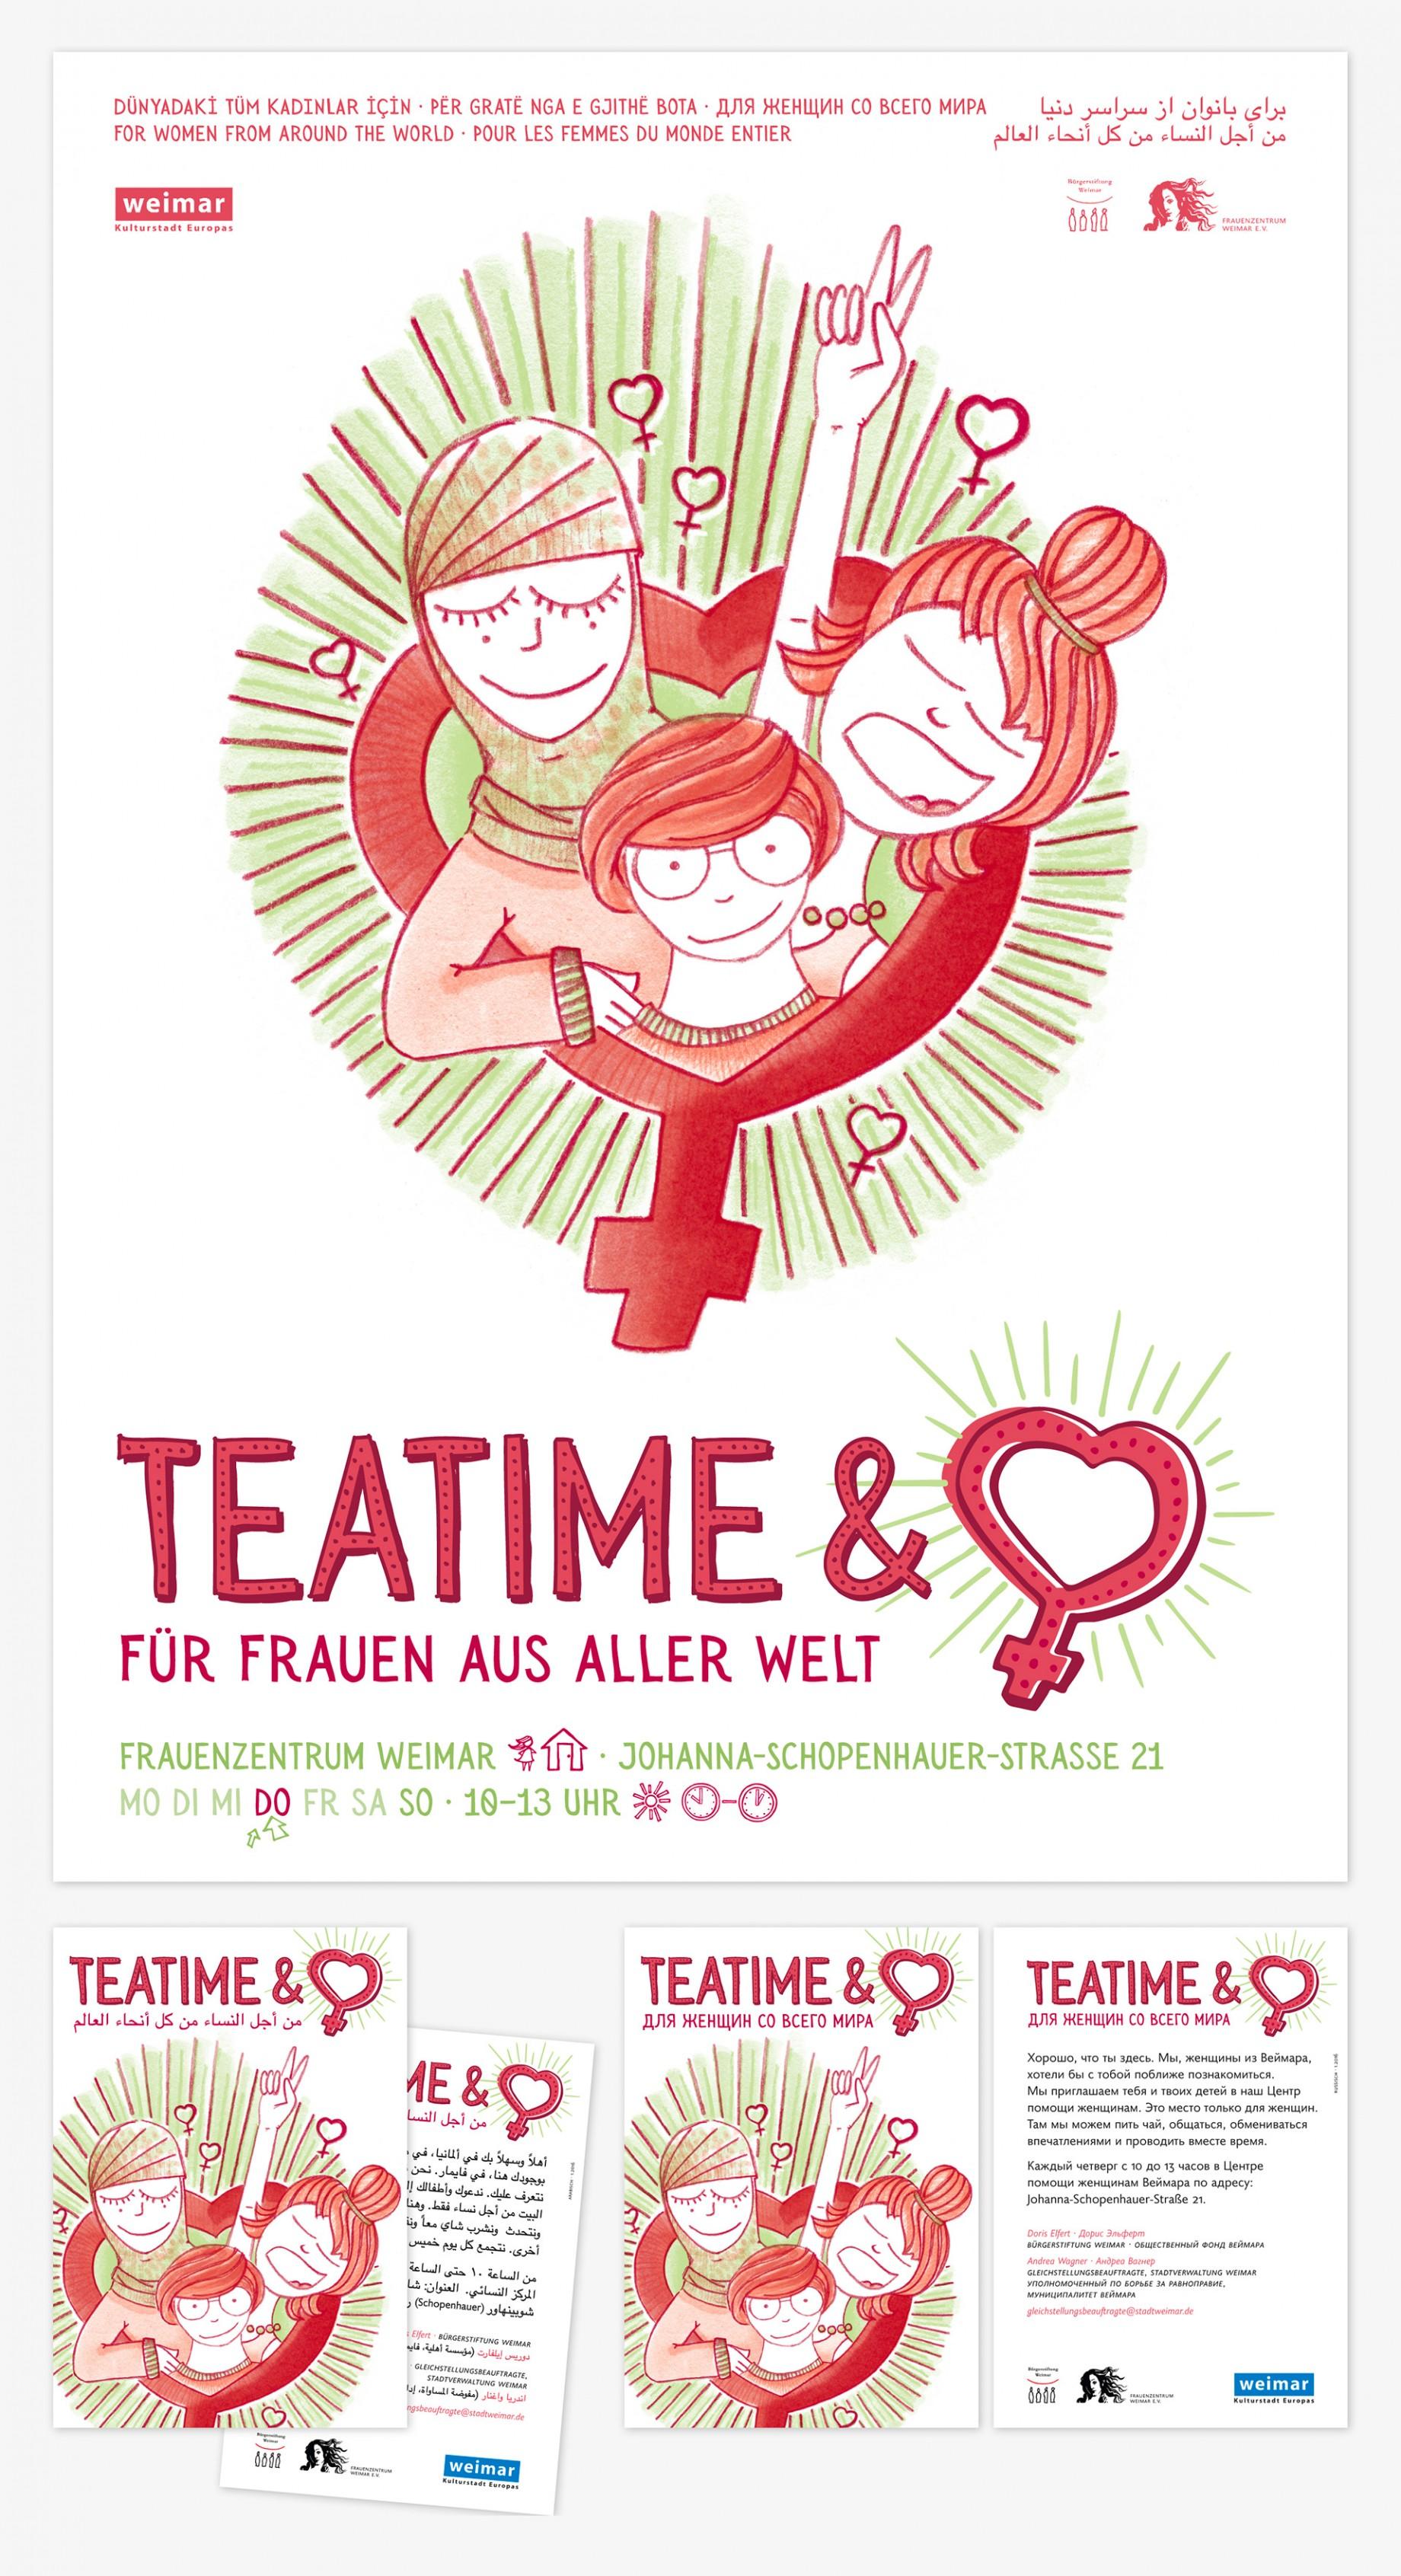 Teatime & Heart · Plakat und Postkarten in verschiedenen Sprachen